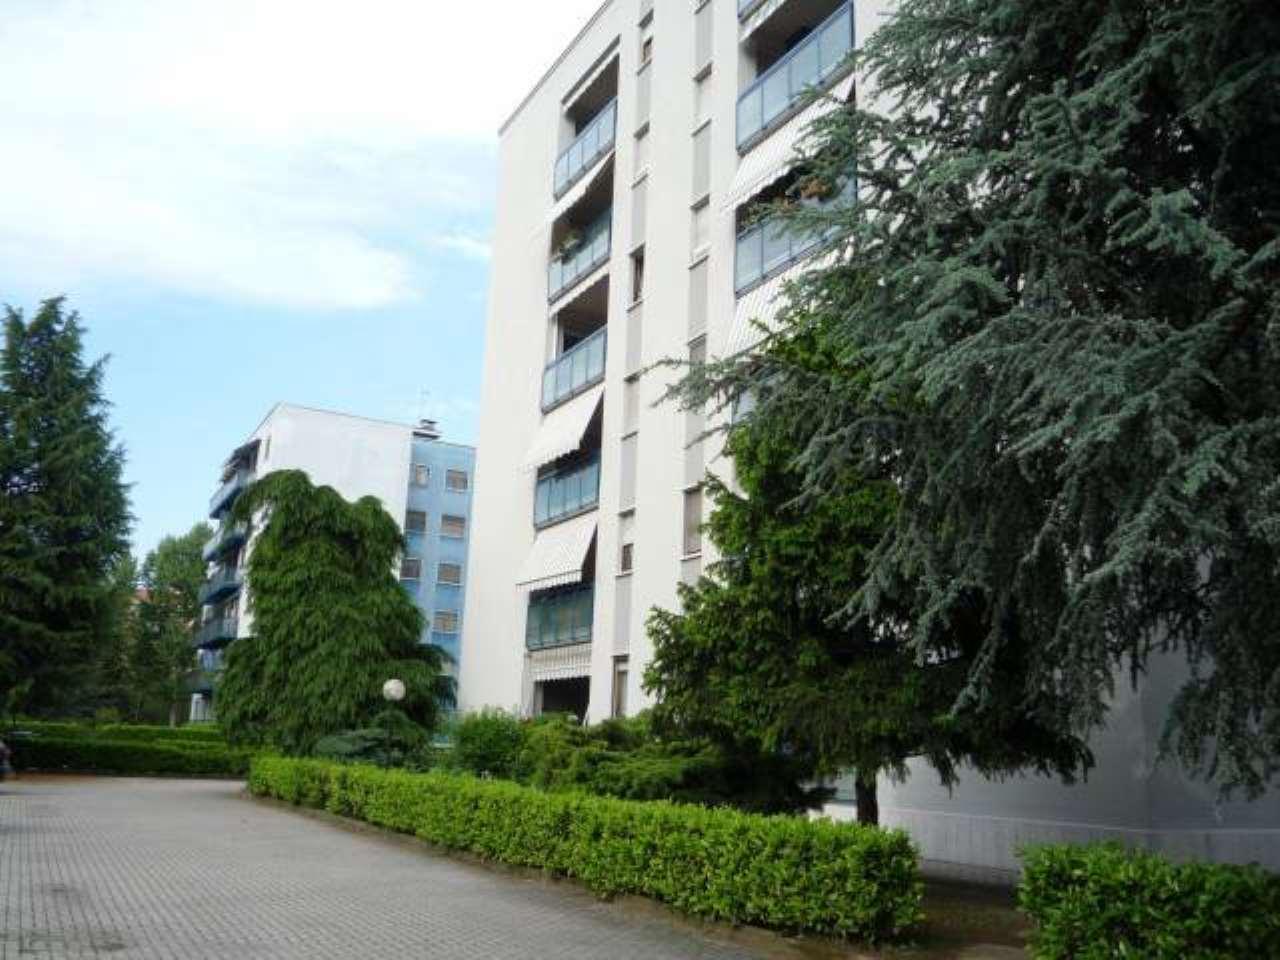 Appartamento in vendita a Nichelino, 4 locali, prezzo € 154.000 | CambioCasa.it